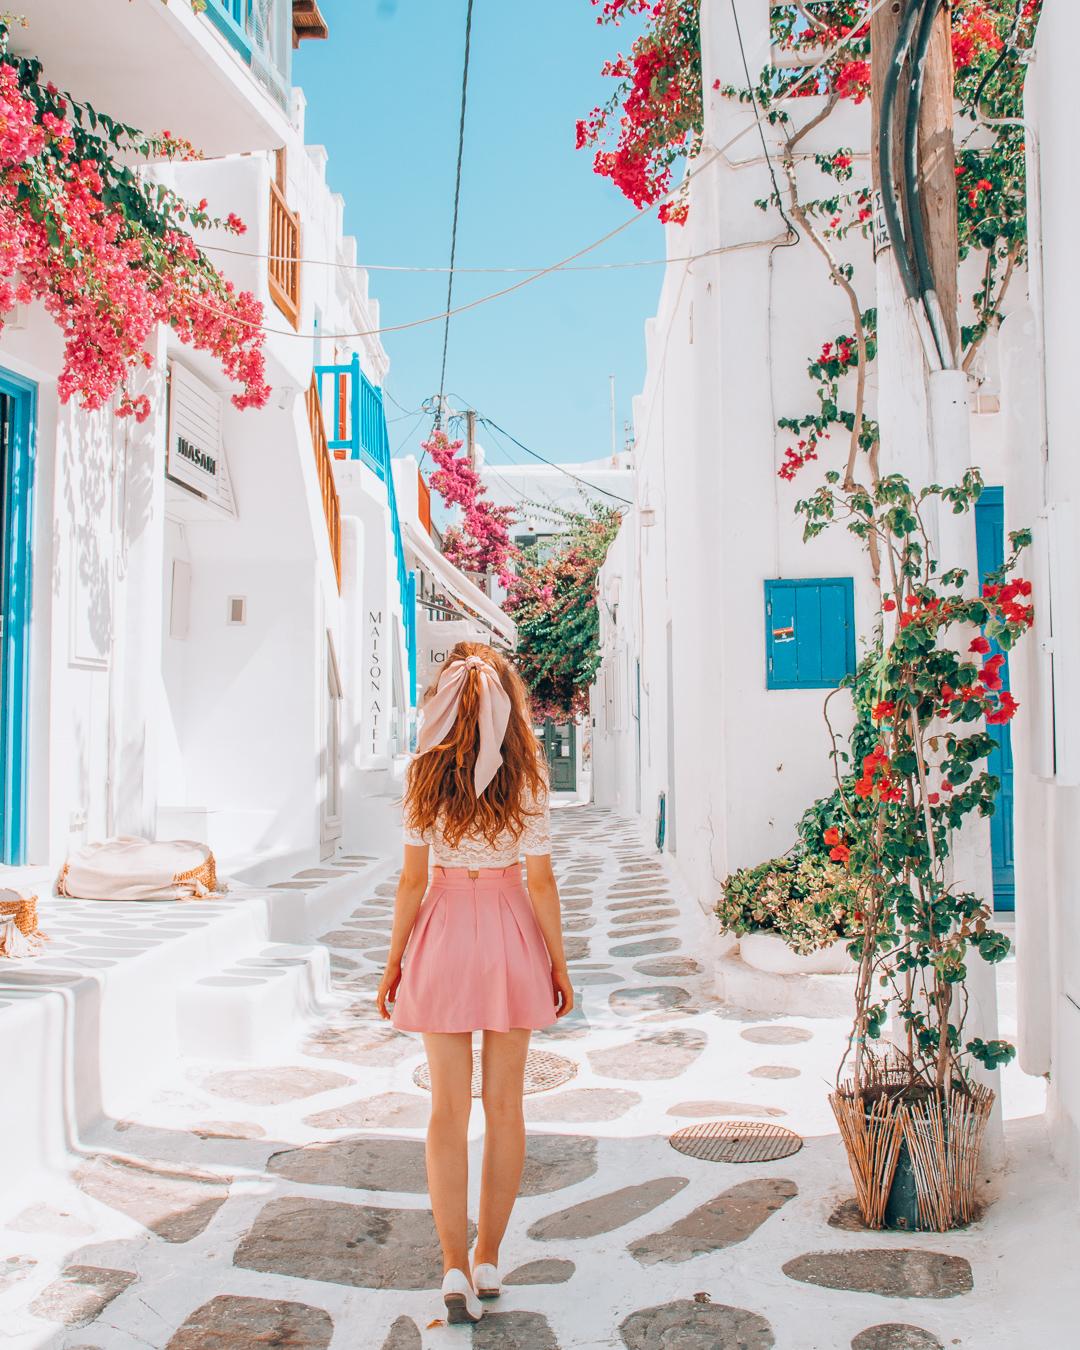 Girl walking in street with flowers in Mykonos